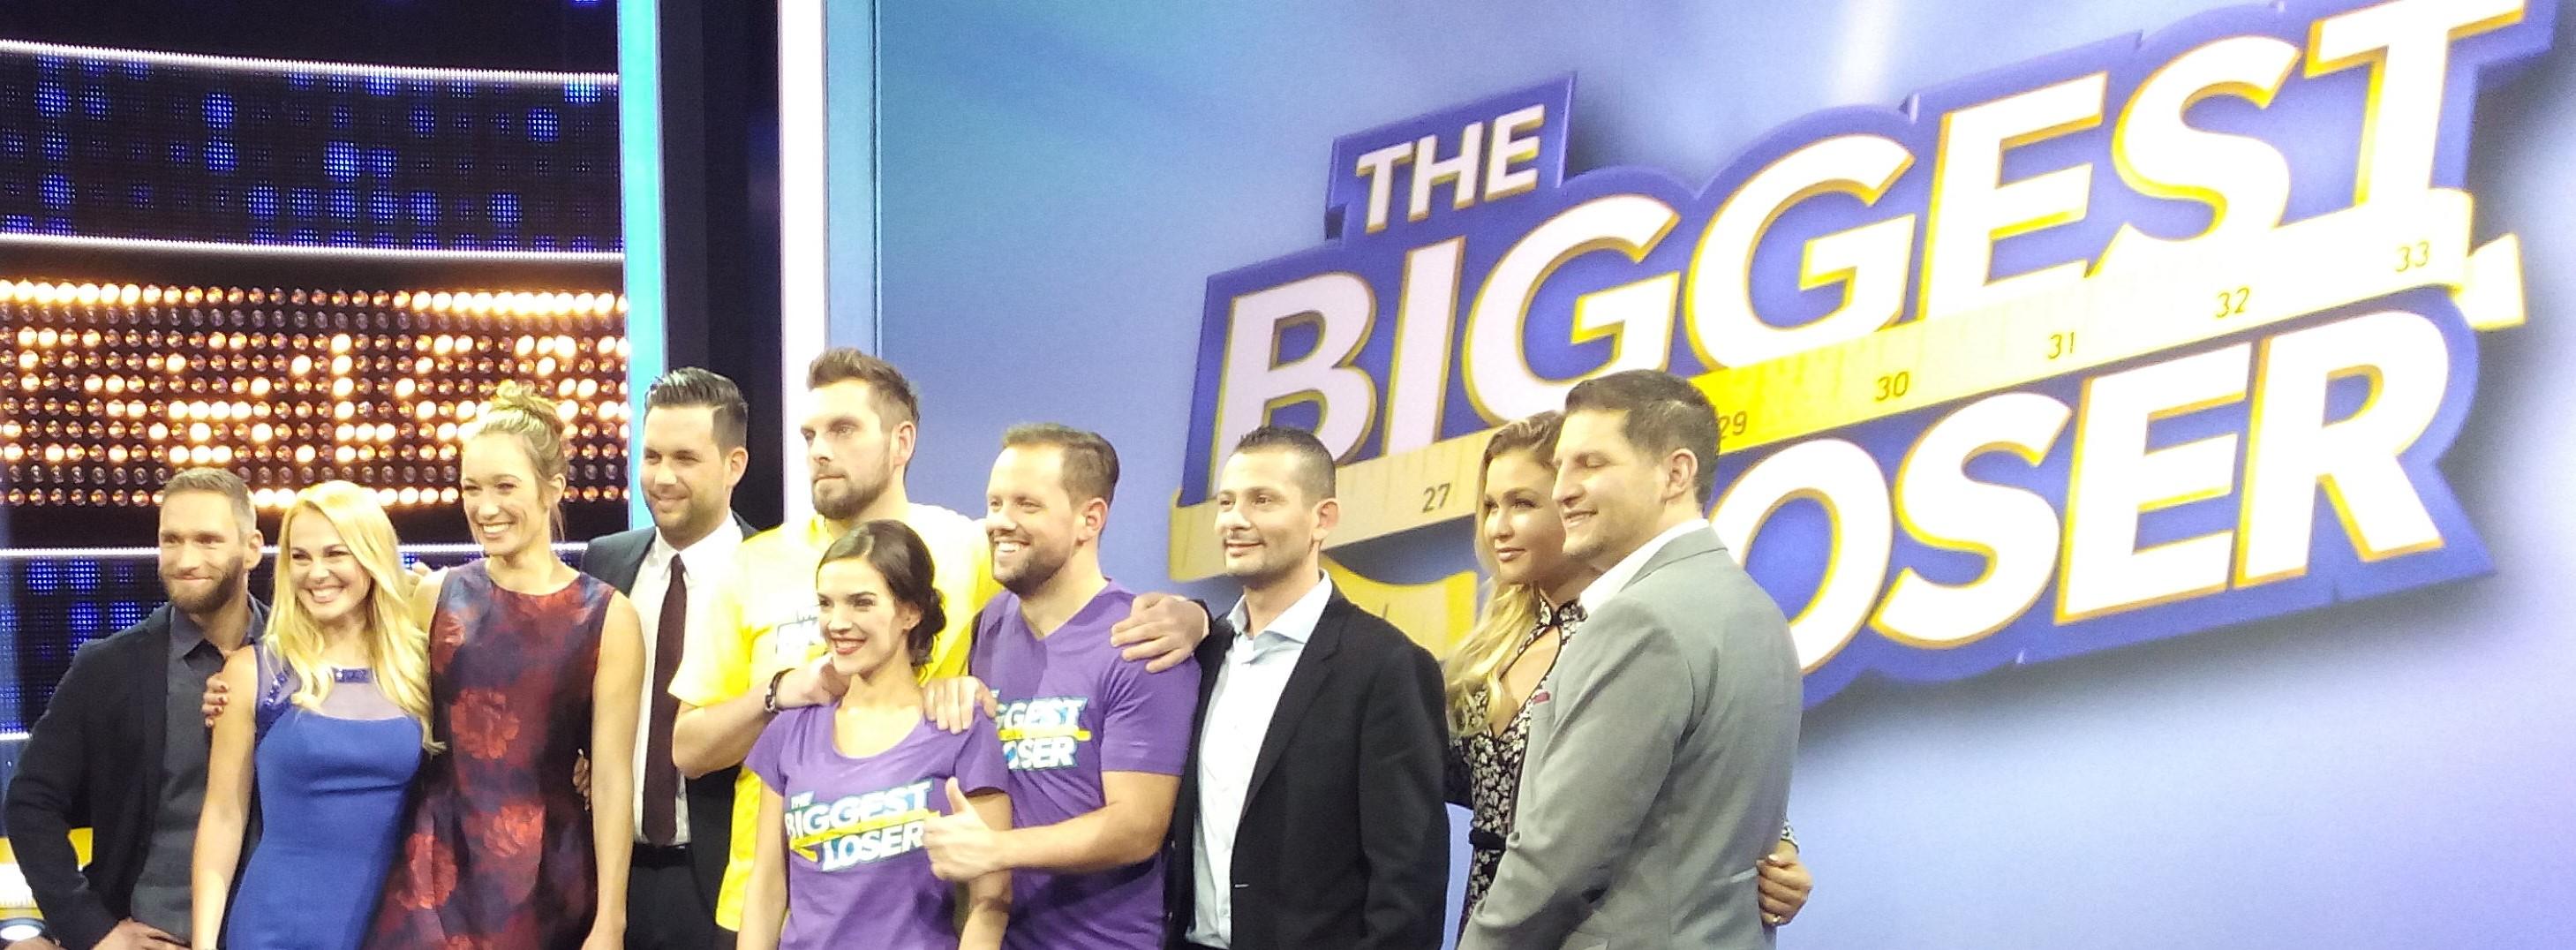 The Biggest Loser 2017 - Das Finale